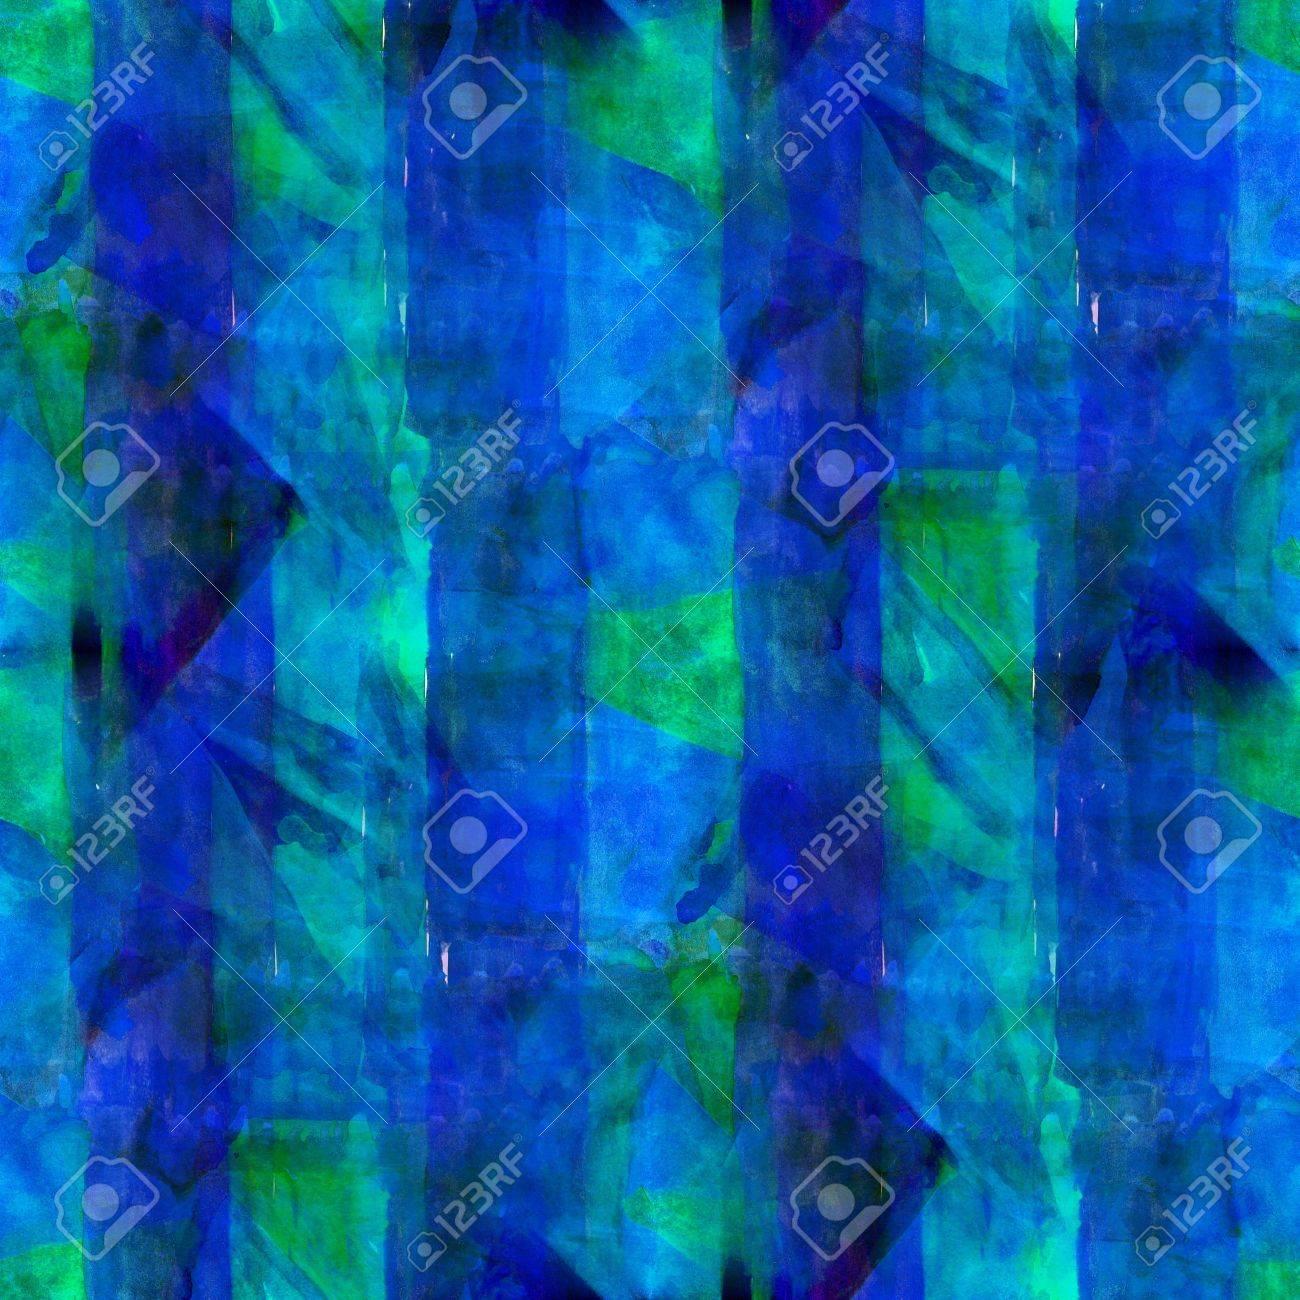 Abstracto Azul Pintado De Verde Wallpaper Arte Contemporáneo